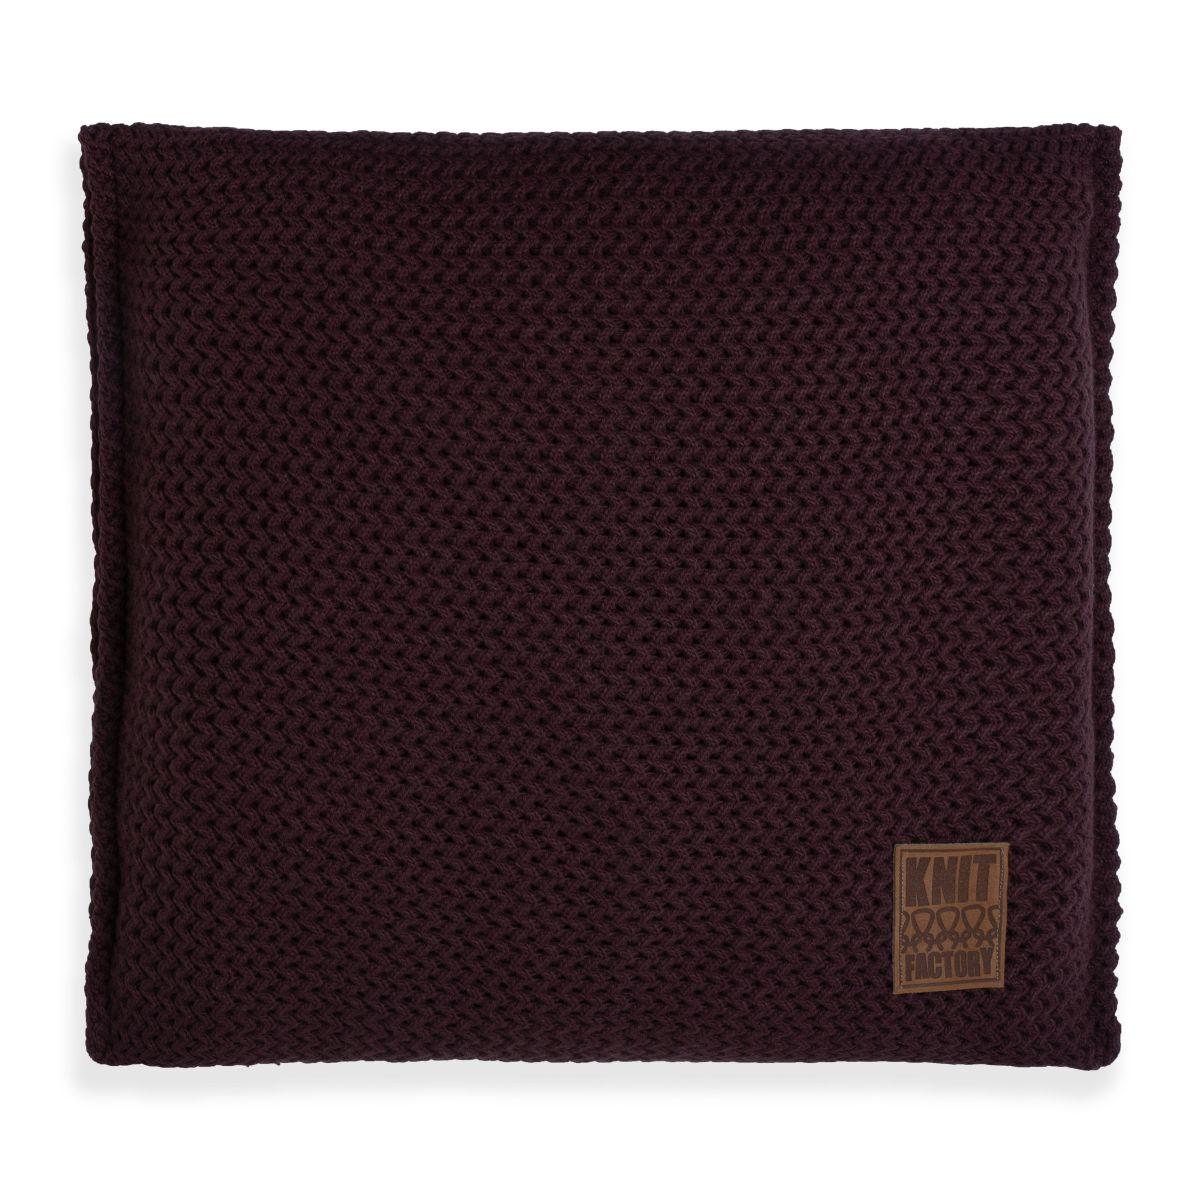 maxx cushion aubergine 50x50